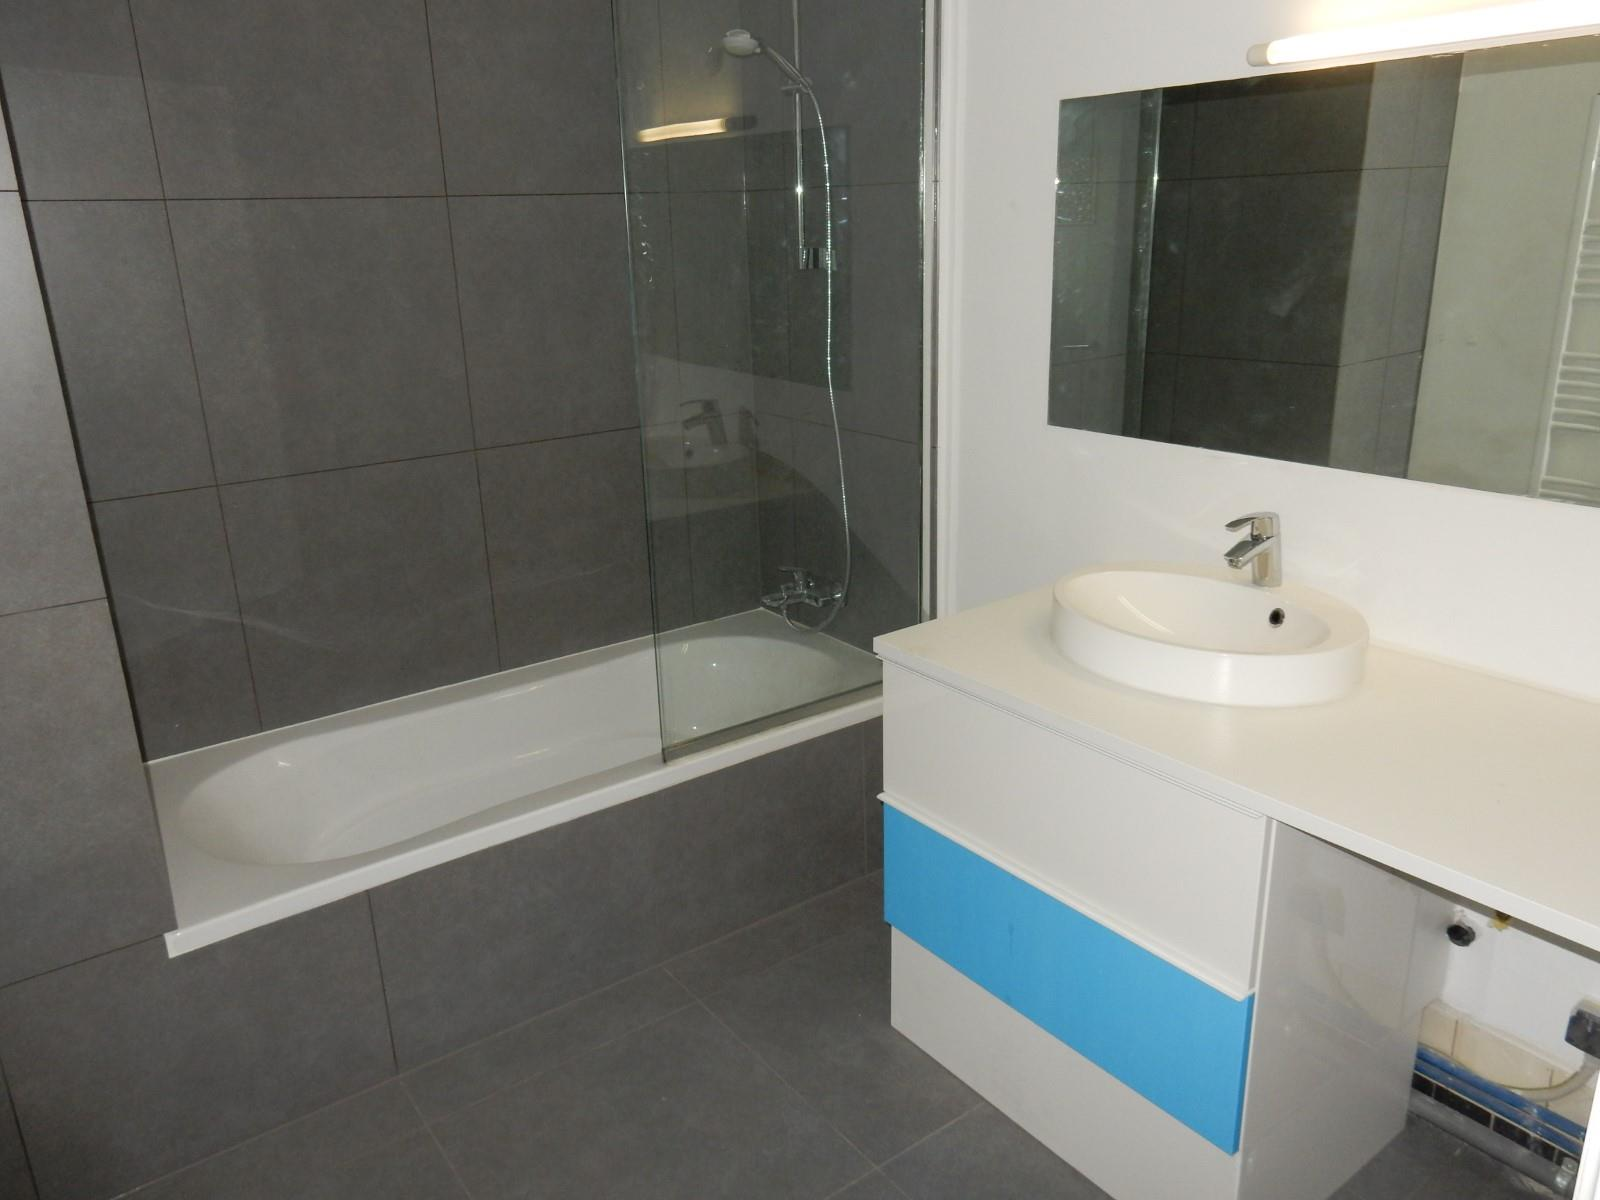 Flat - Ixelles - #2991900-12